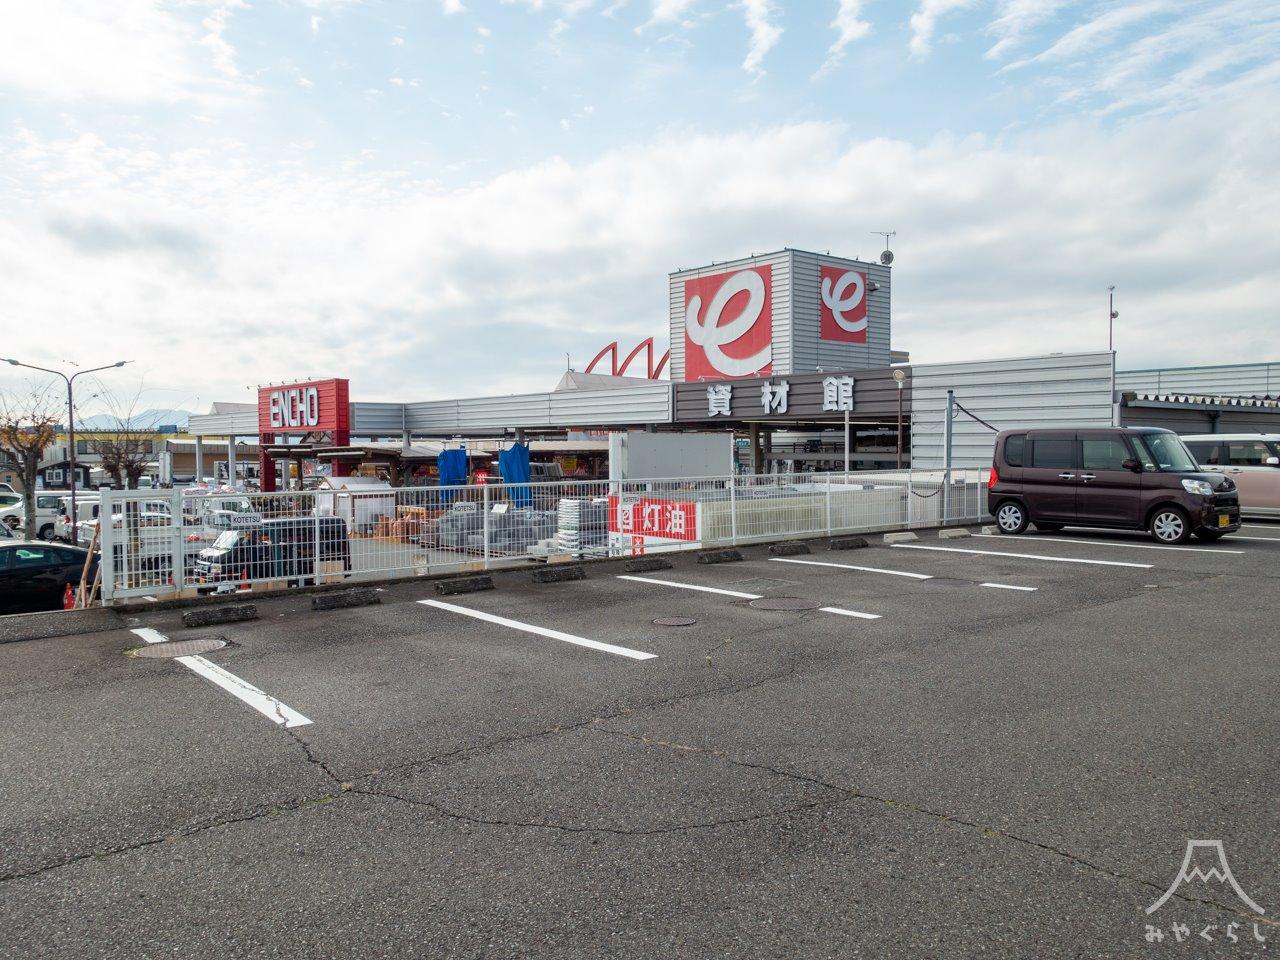 喰い物屋 KOTETSUの駐車場